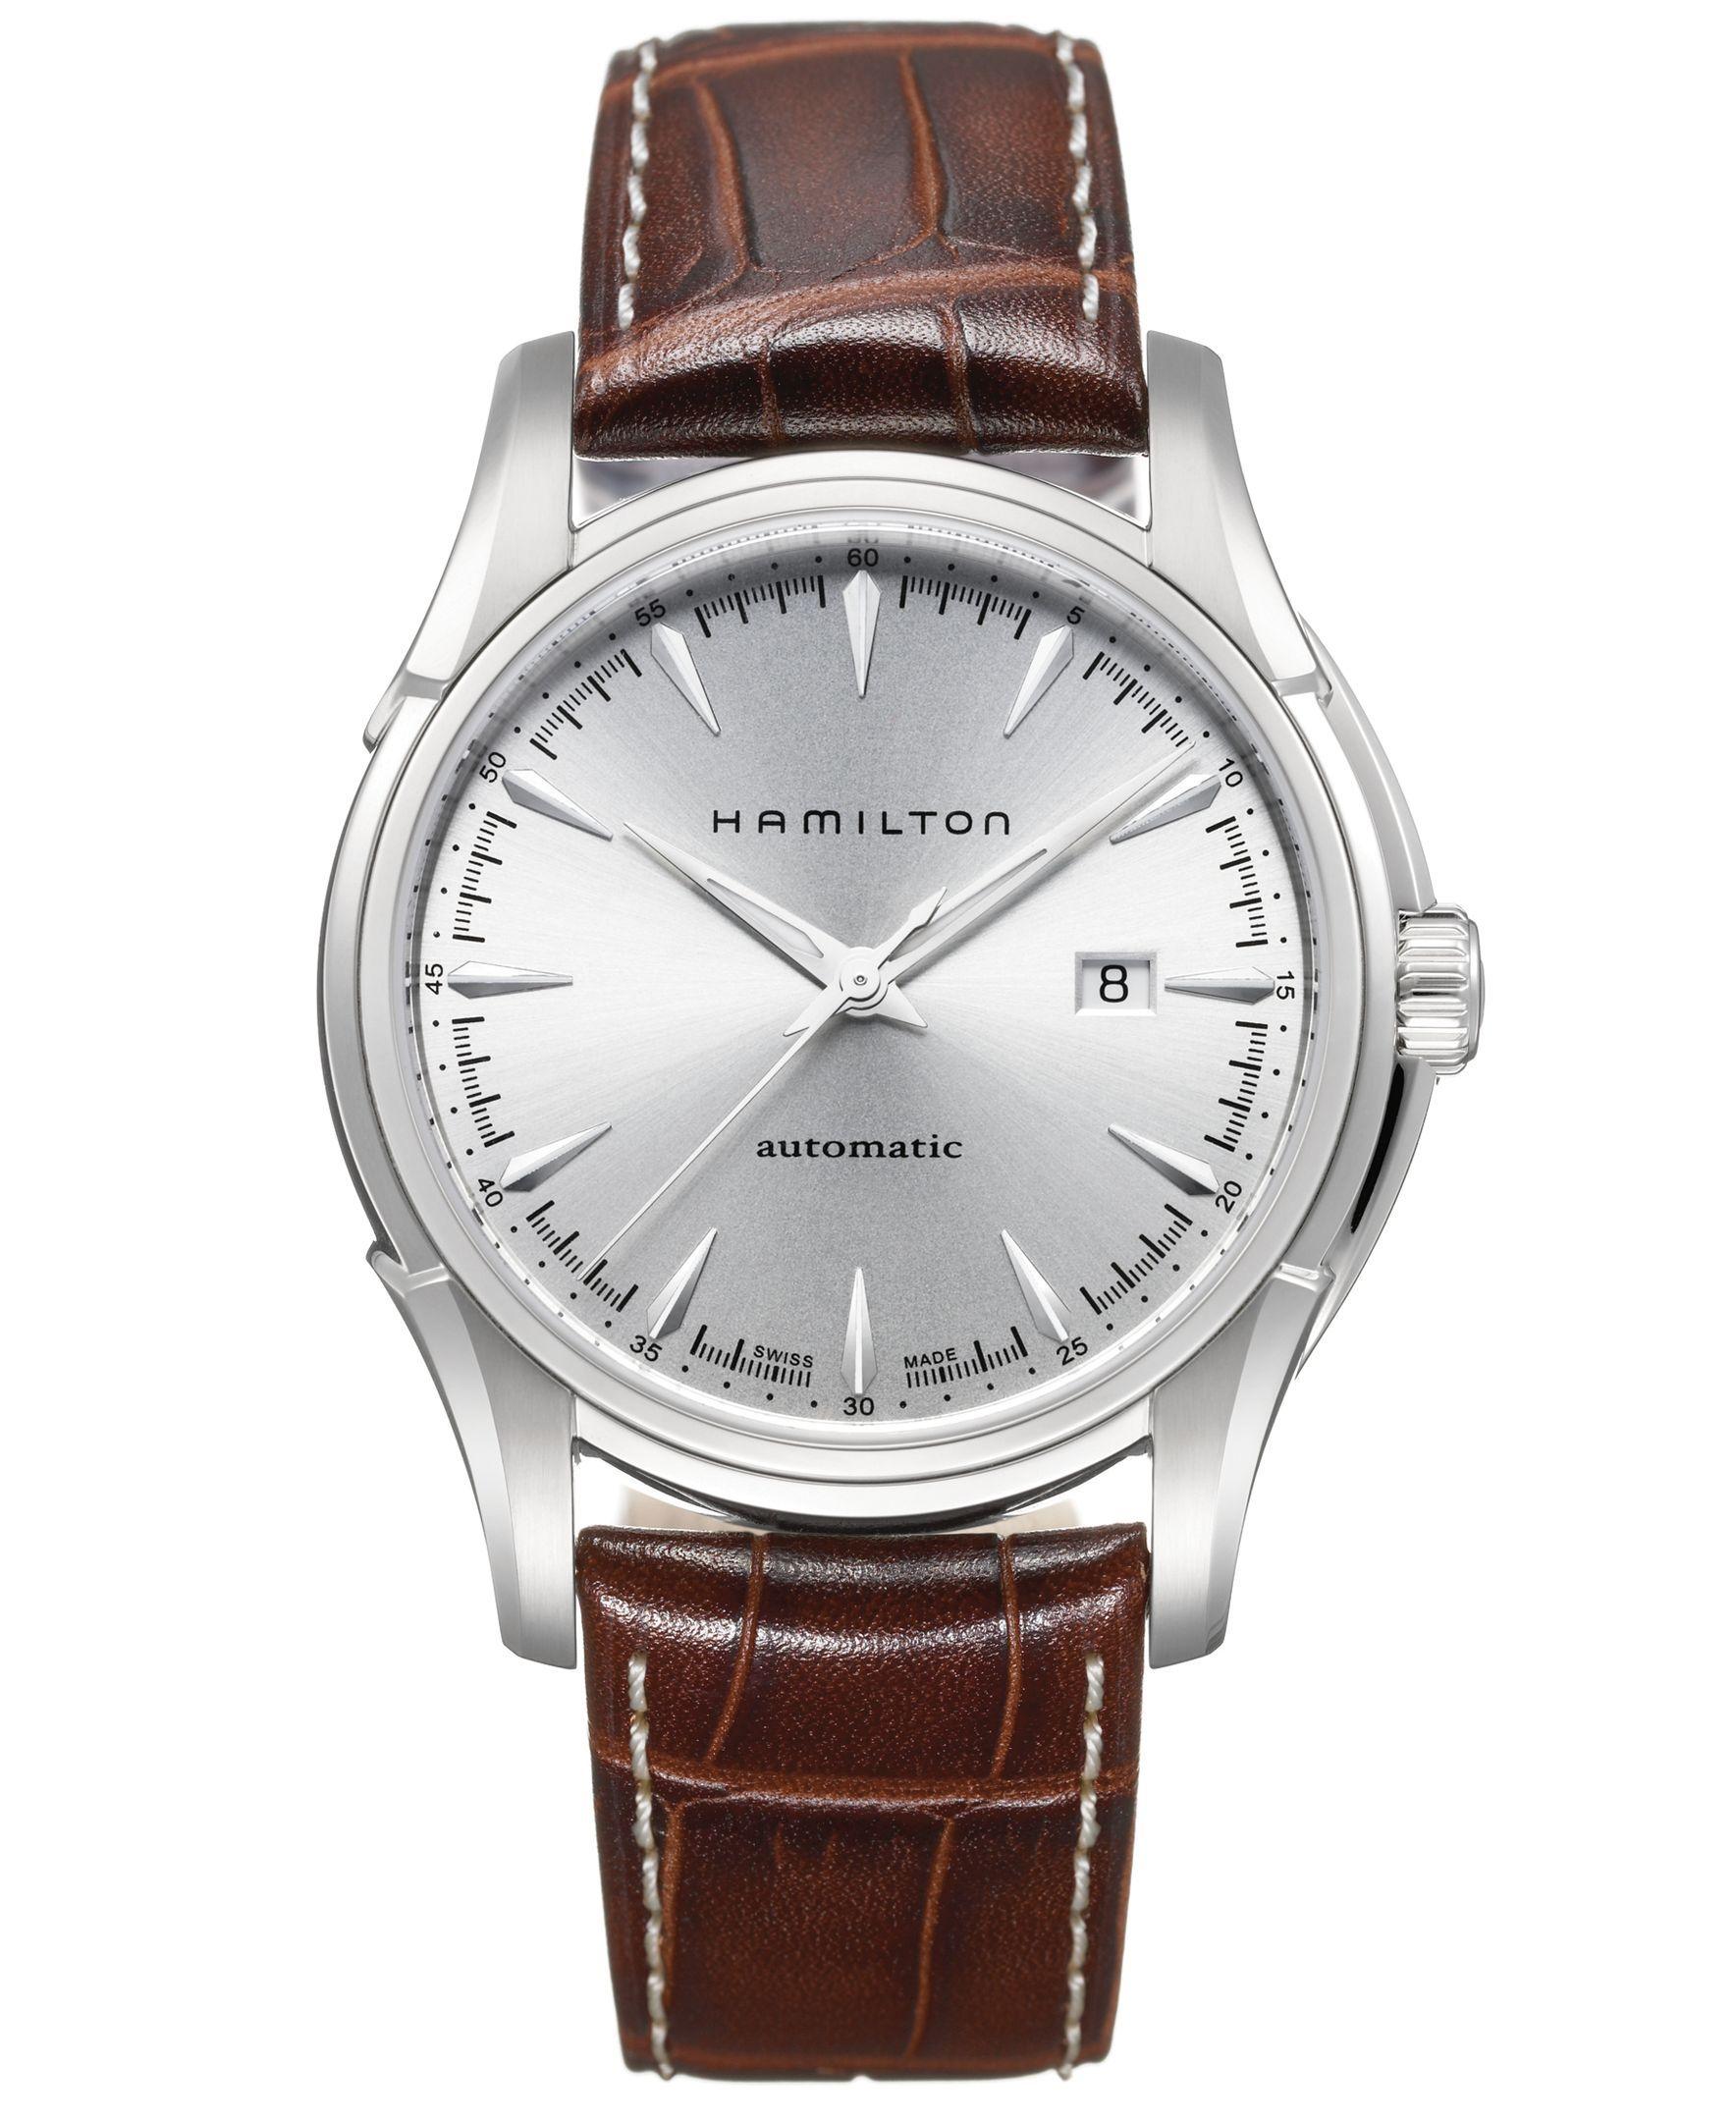 7329ac6fb88 Hamilton Watch